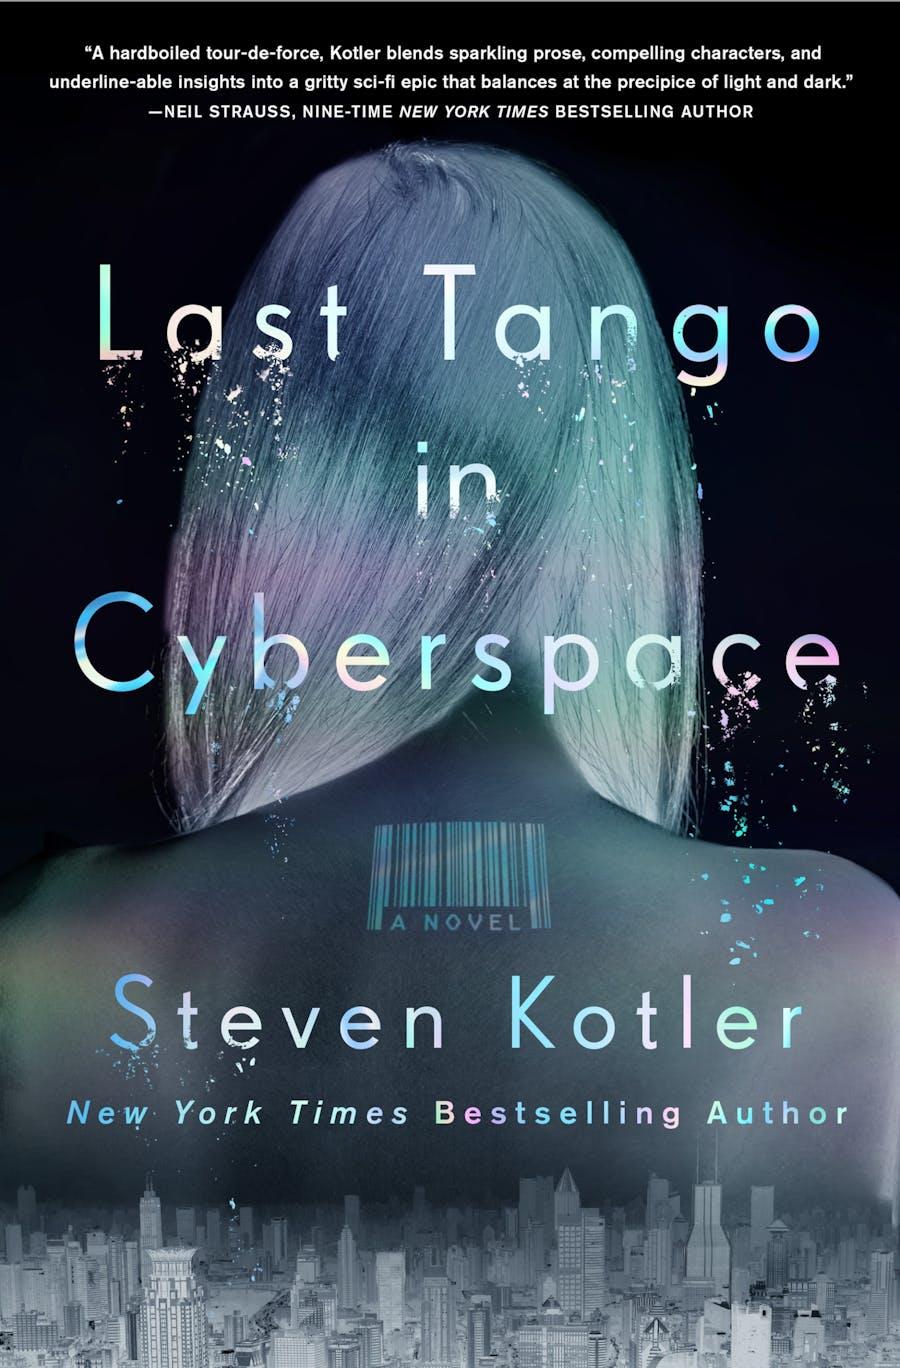 Last Tango in Cyber Space by Steven Kotler